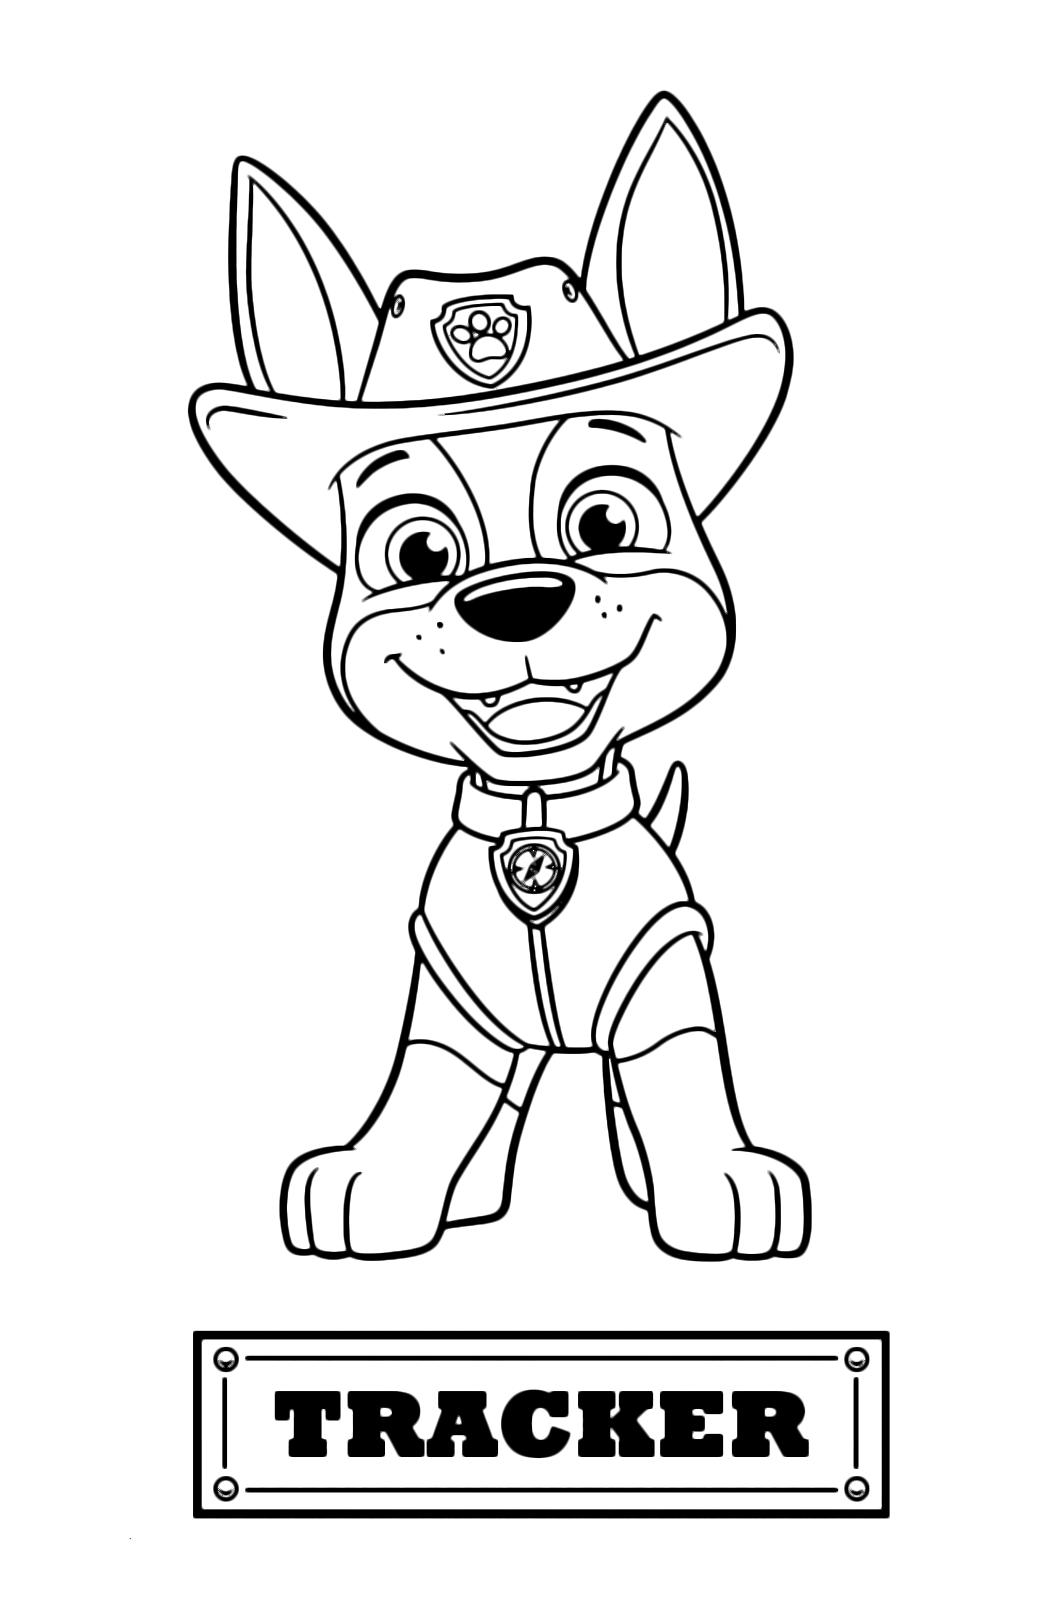 Paw Patrol Tracker Il Cucciolo Di Jack Russel Arrivato